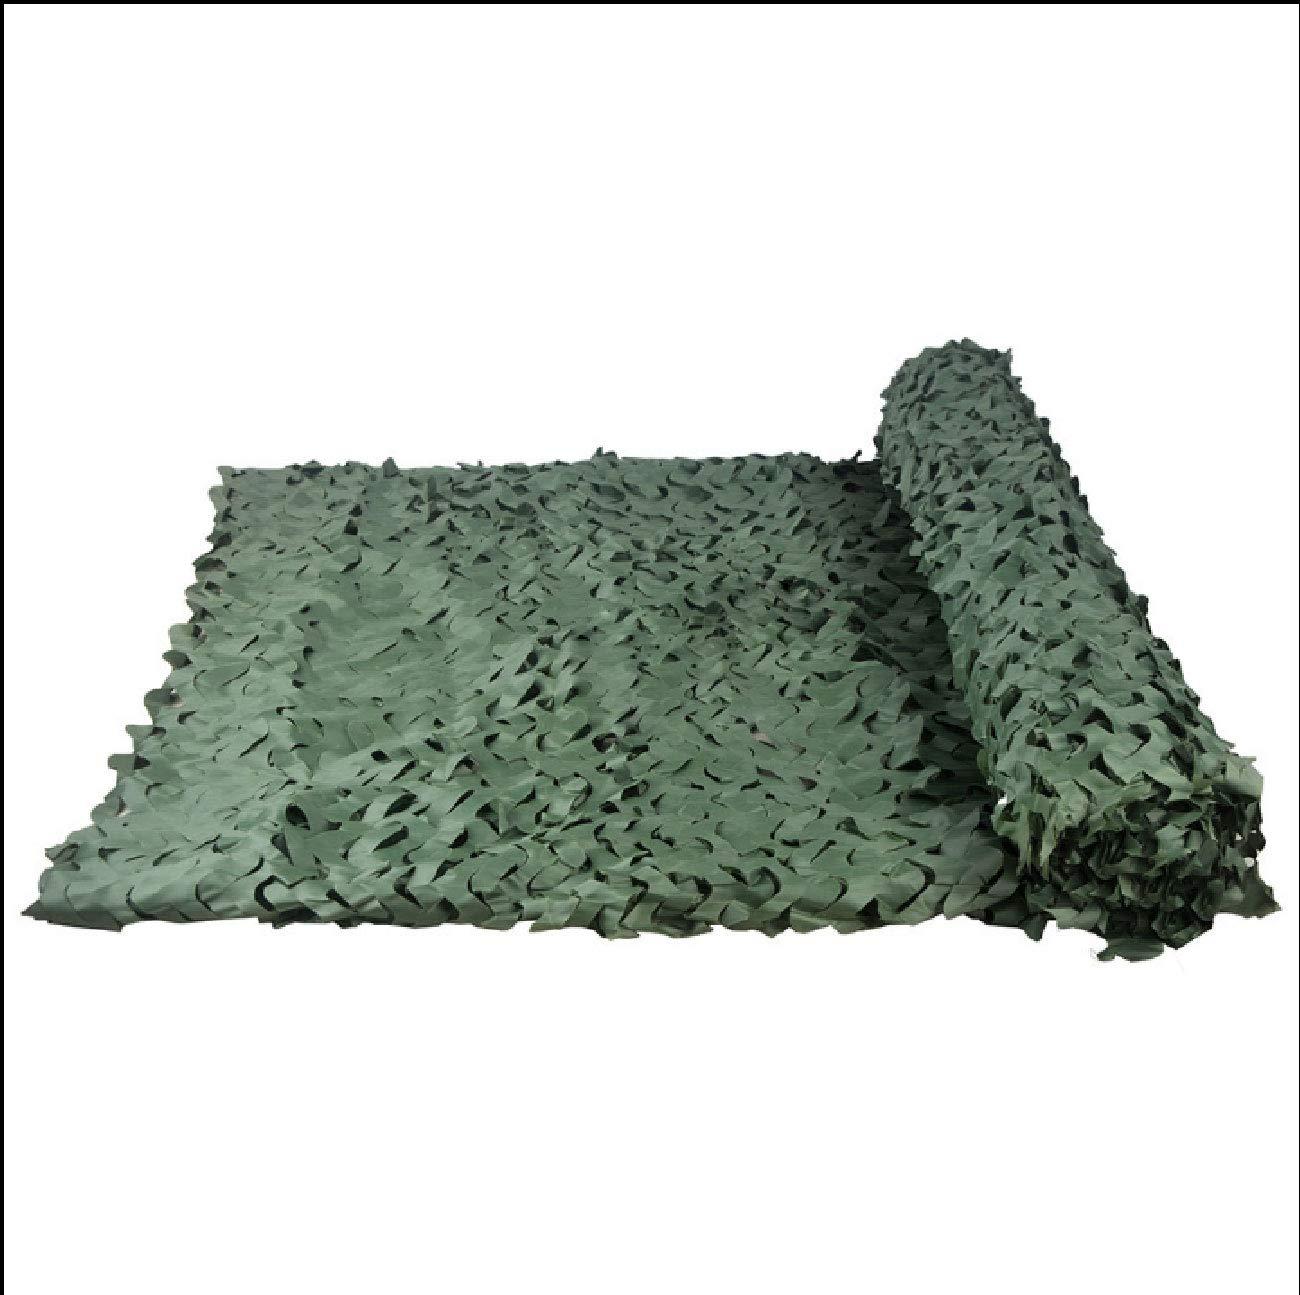 Qwertyi Tarnnetz, Anti-Flugzeug Reine grüne Single-Cut-Blaume Camouflage-Tarnnetz Single-Layer-Schatten-Netz-Outdoor-Fotografie Vogelbeobachtung Indoor-Dekoration Netto Verschiedenen Größen optional